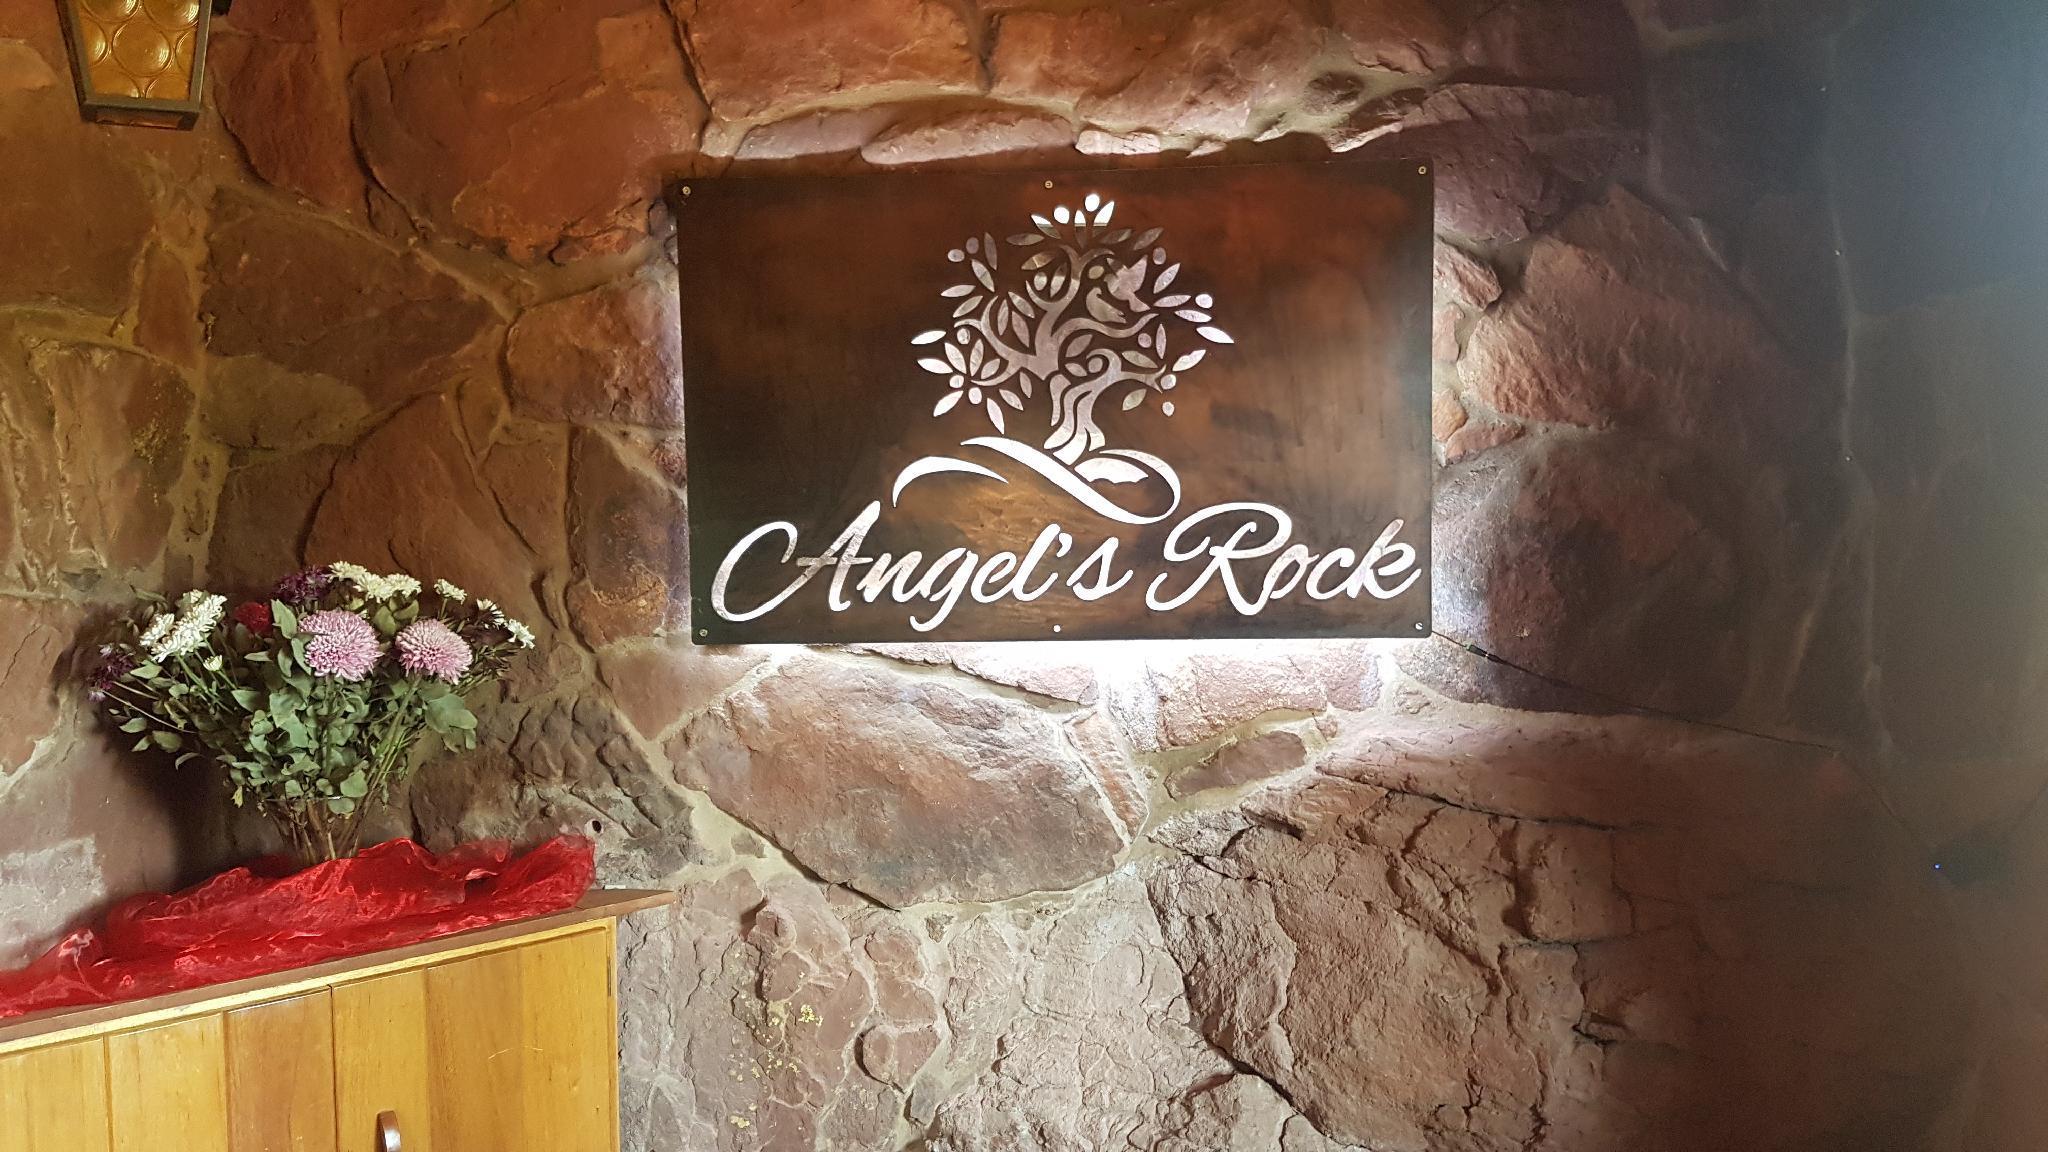 Angelsrock SA